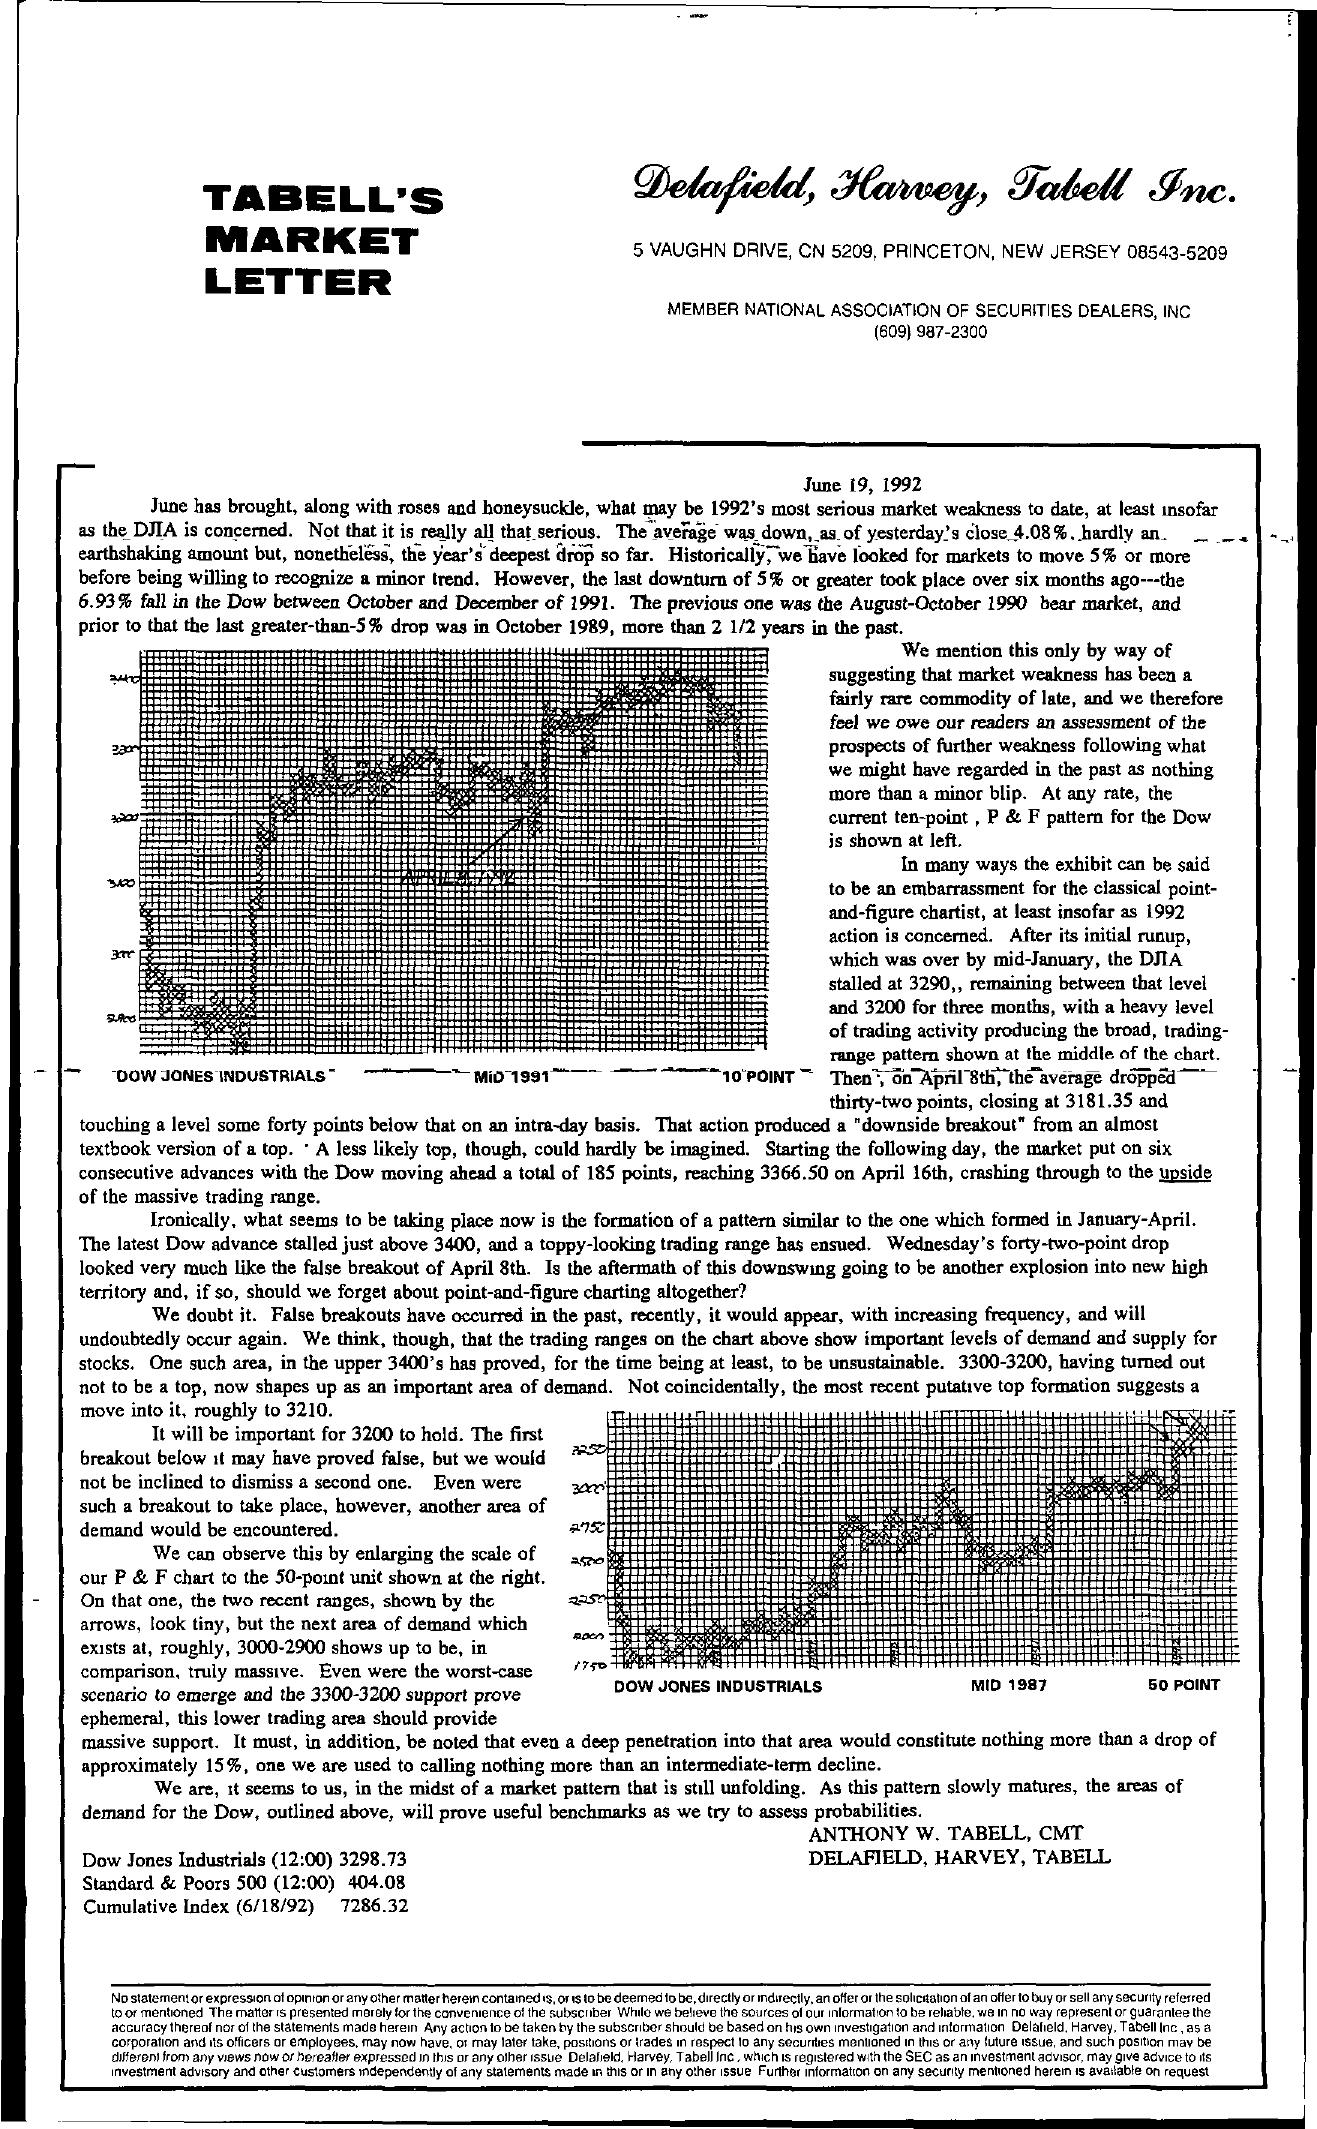 Tabell's Market Letter - June 19, 1992